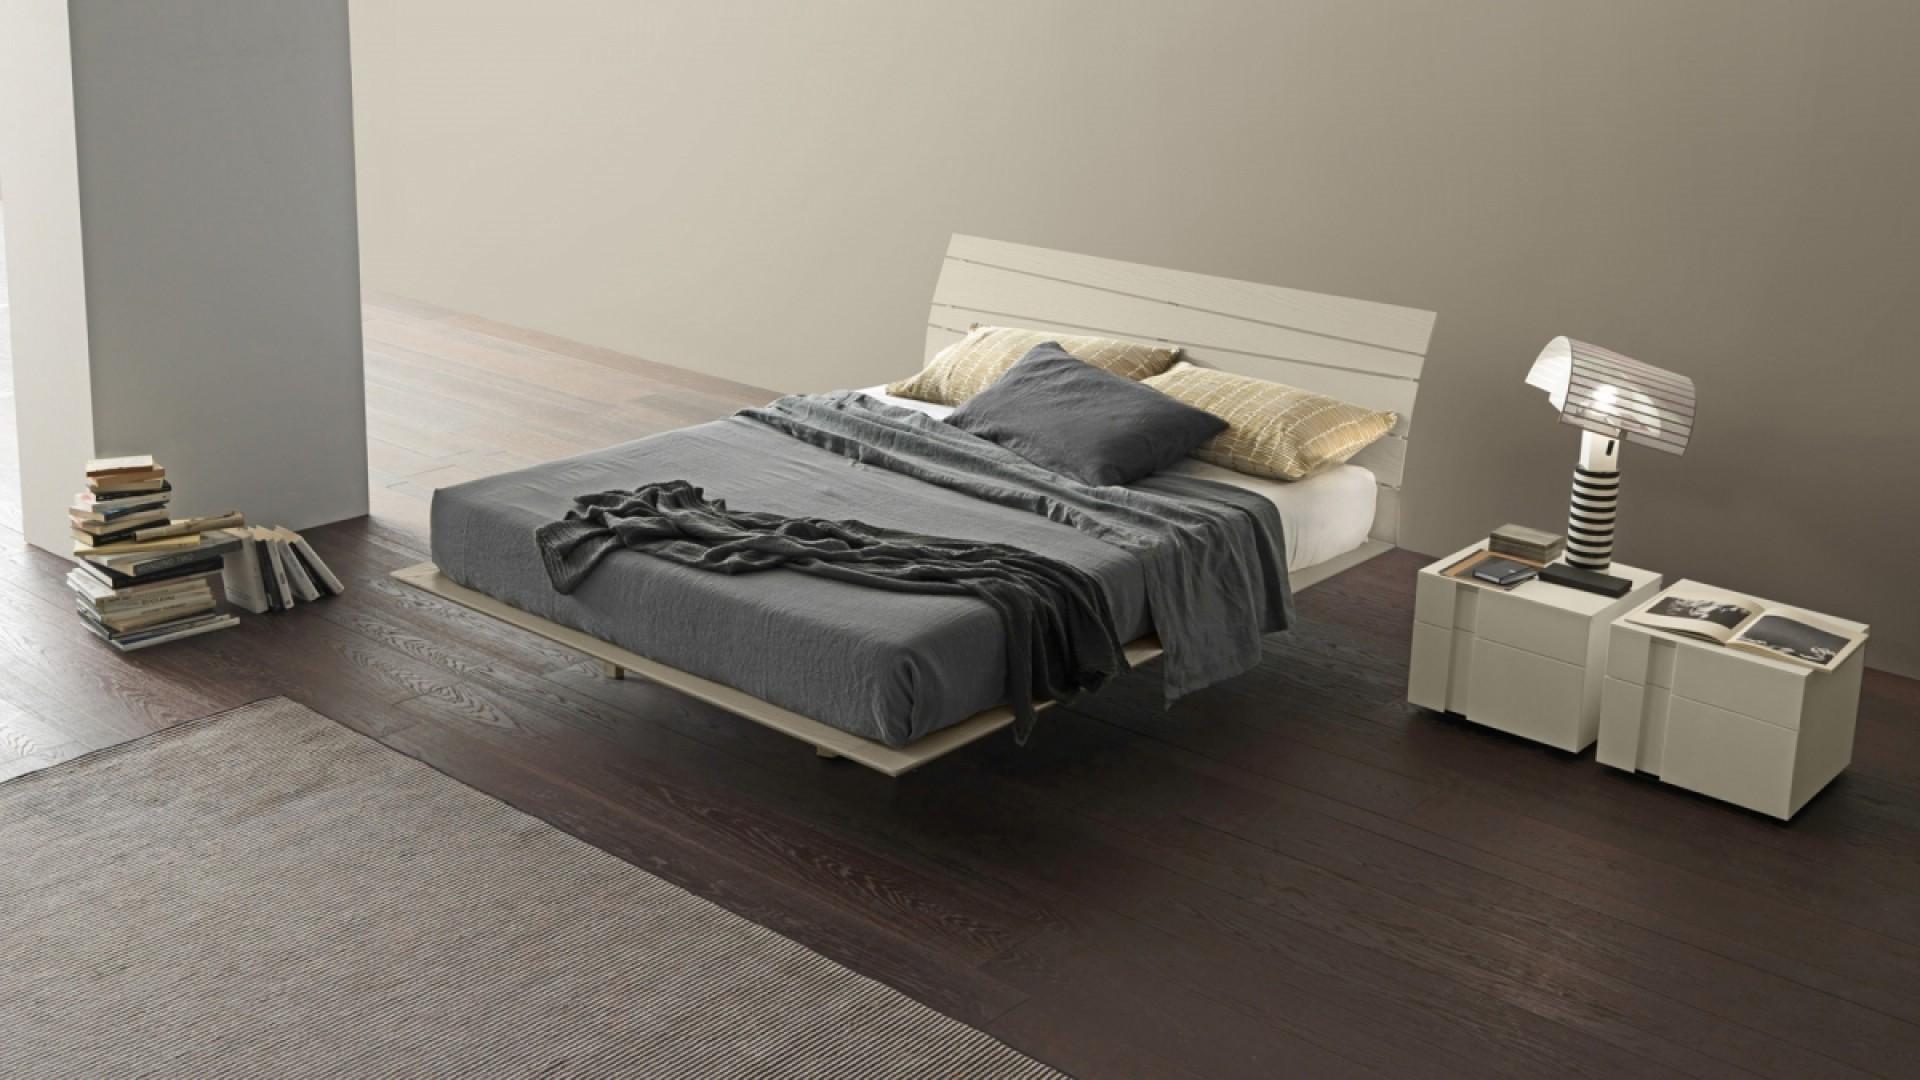 Best camere da letto presotto gallery - Presotto camere da letto ...